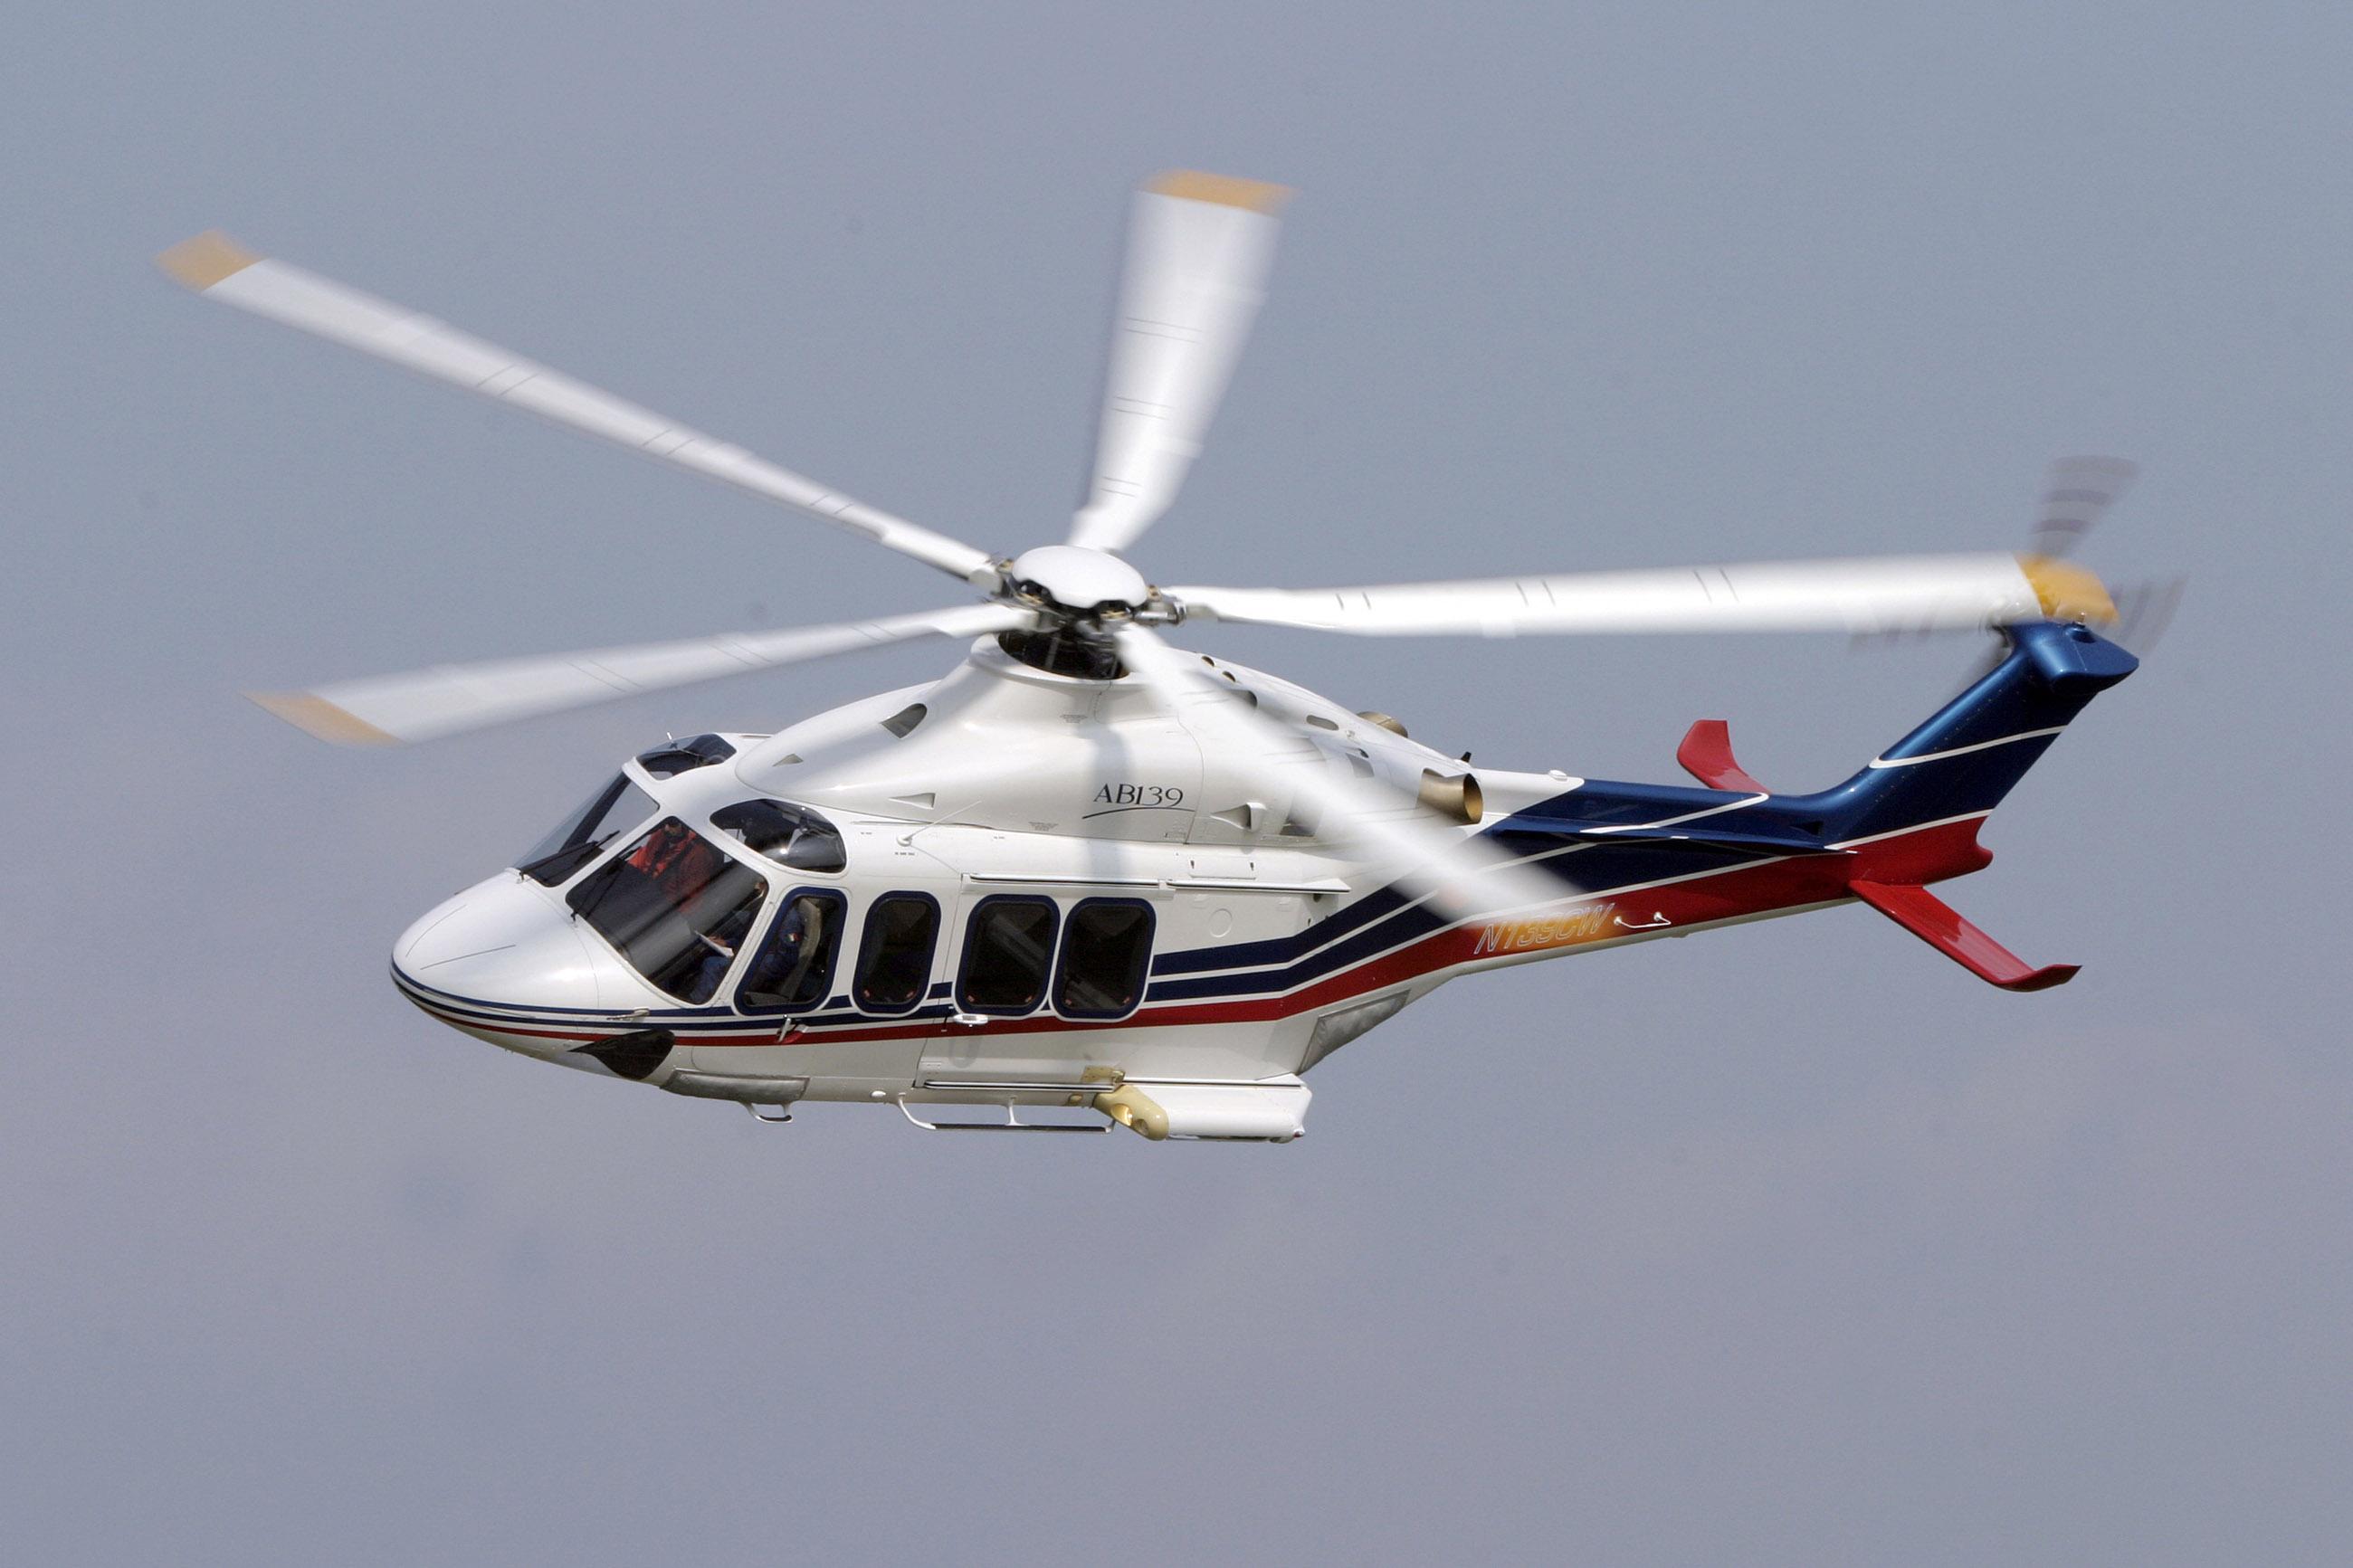 Elicottero Immagini Per Bambini : Finmeccanica india accetta l arbitrato per cancellare la